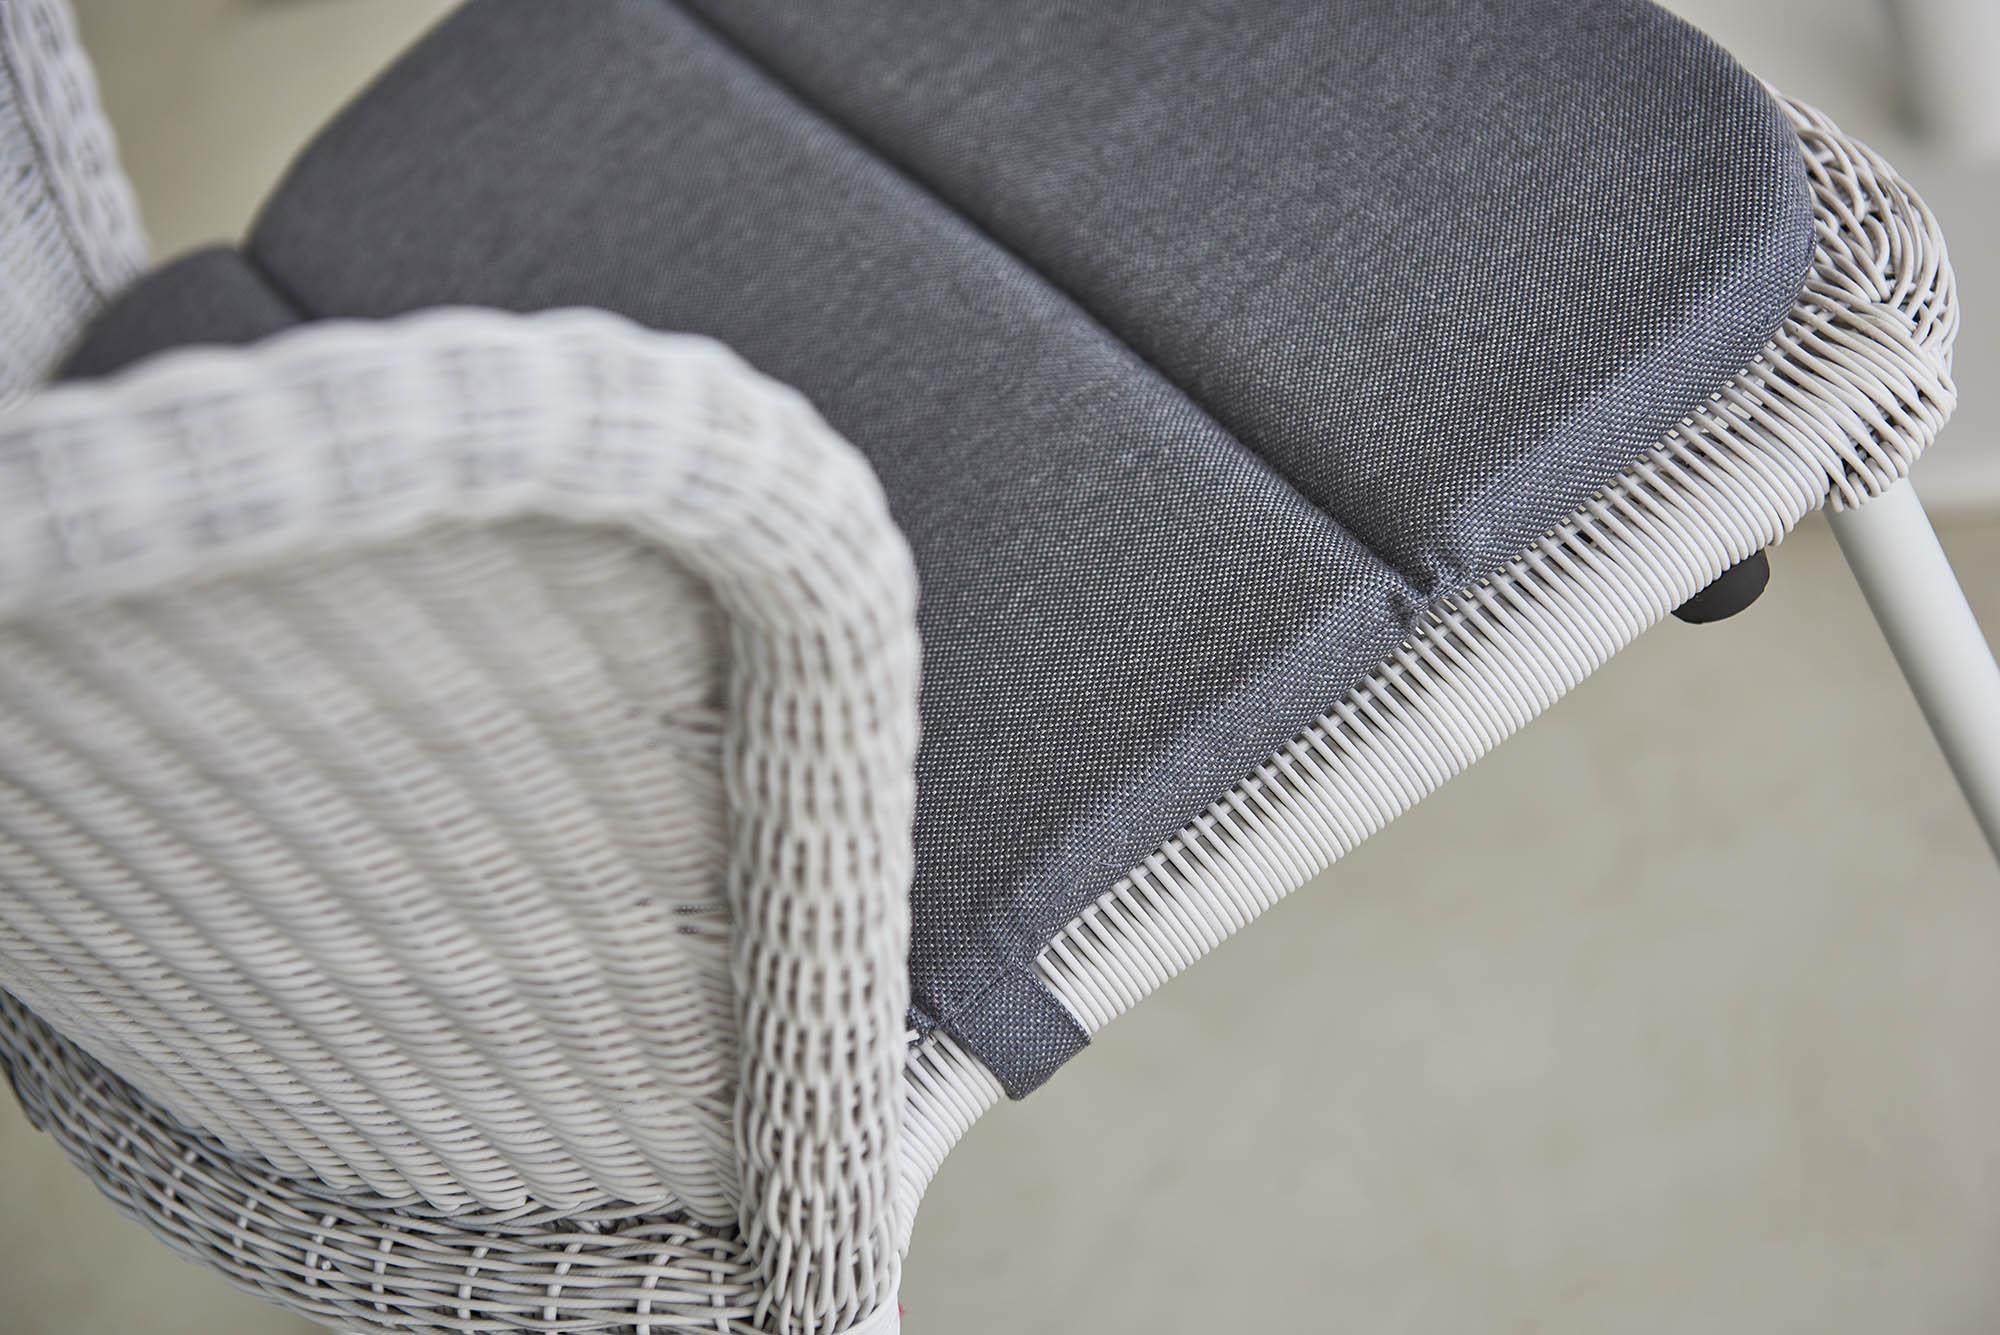 Detaljbord på Lean stol i vitgrått.